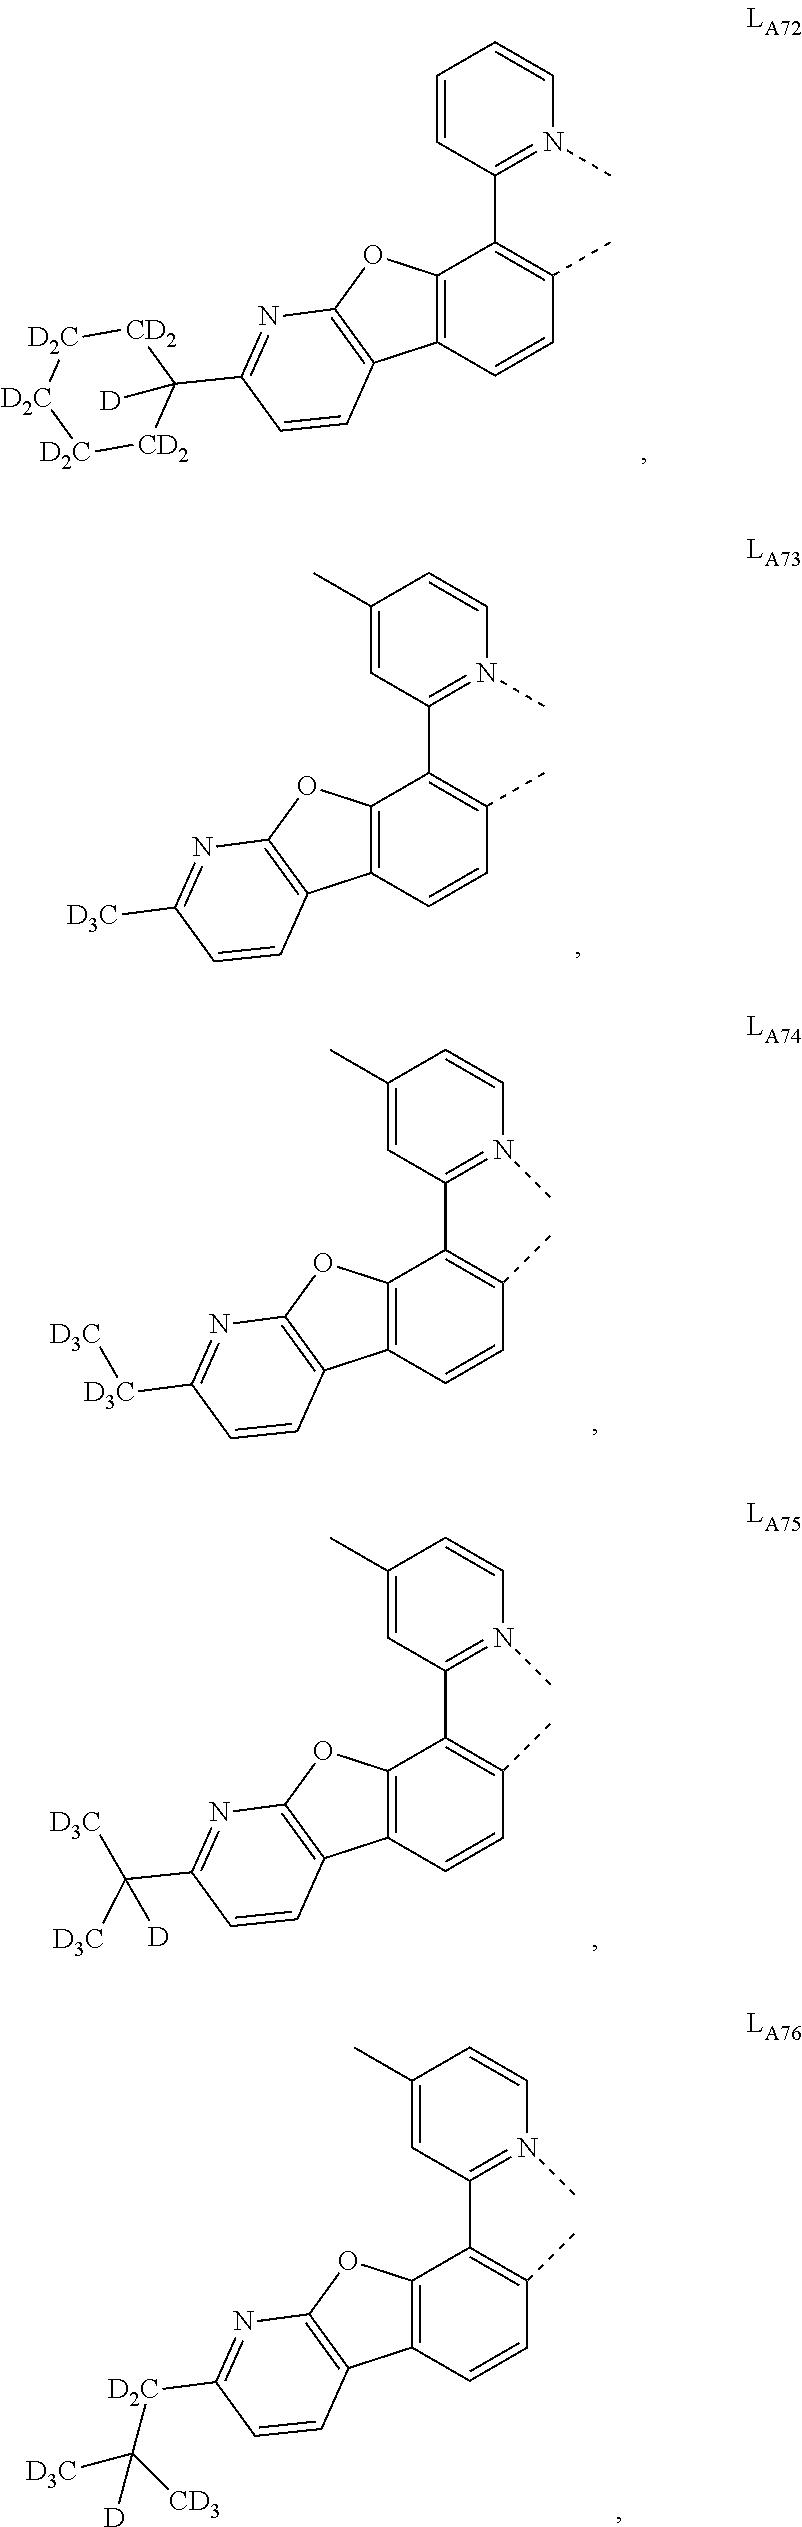 Figure US20160049599A1-20160218-C00415